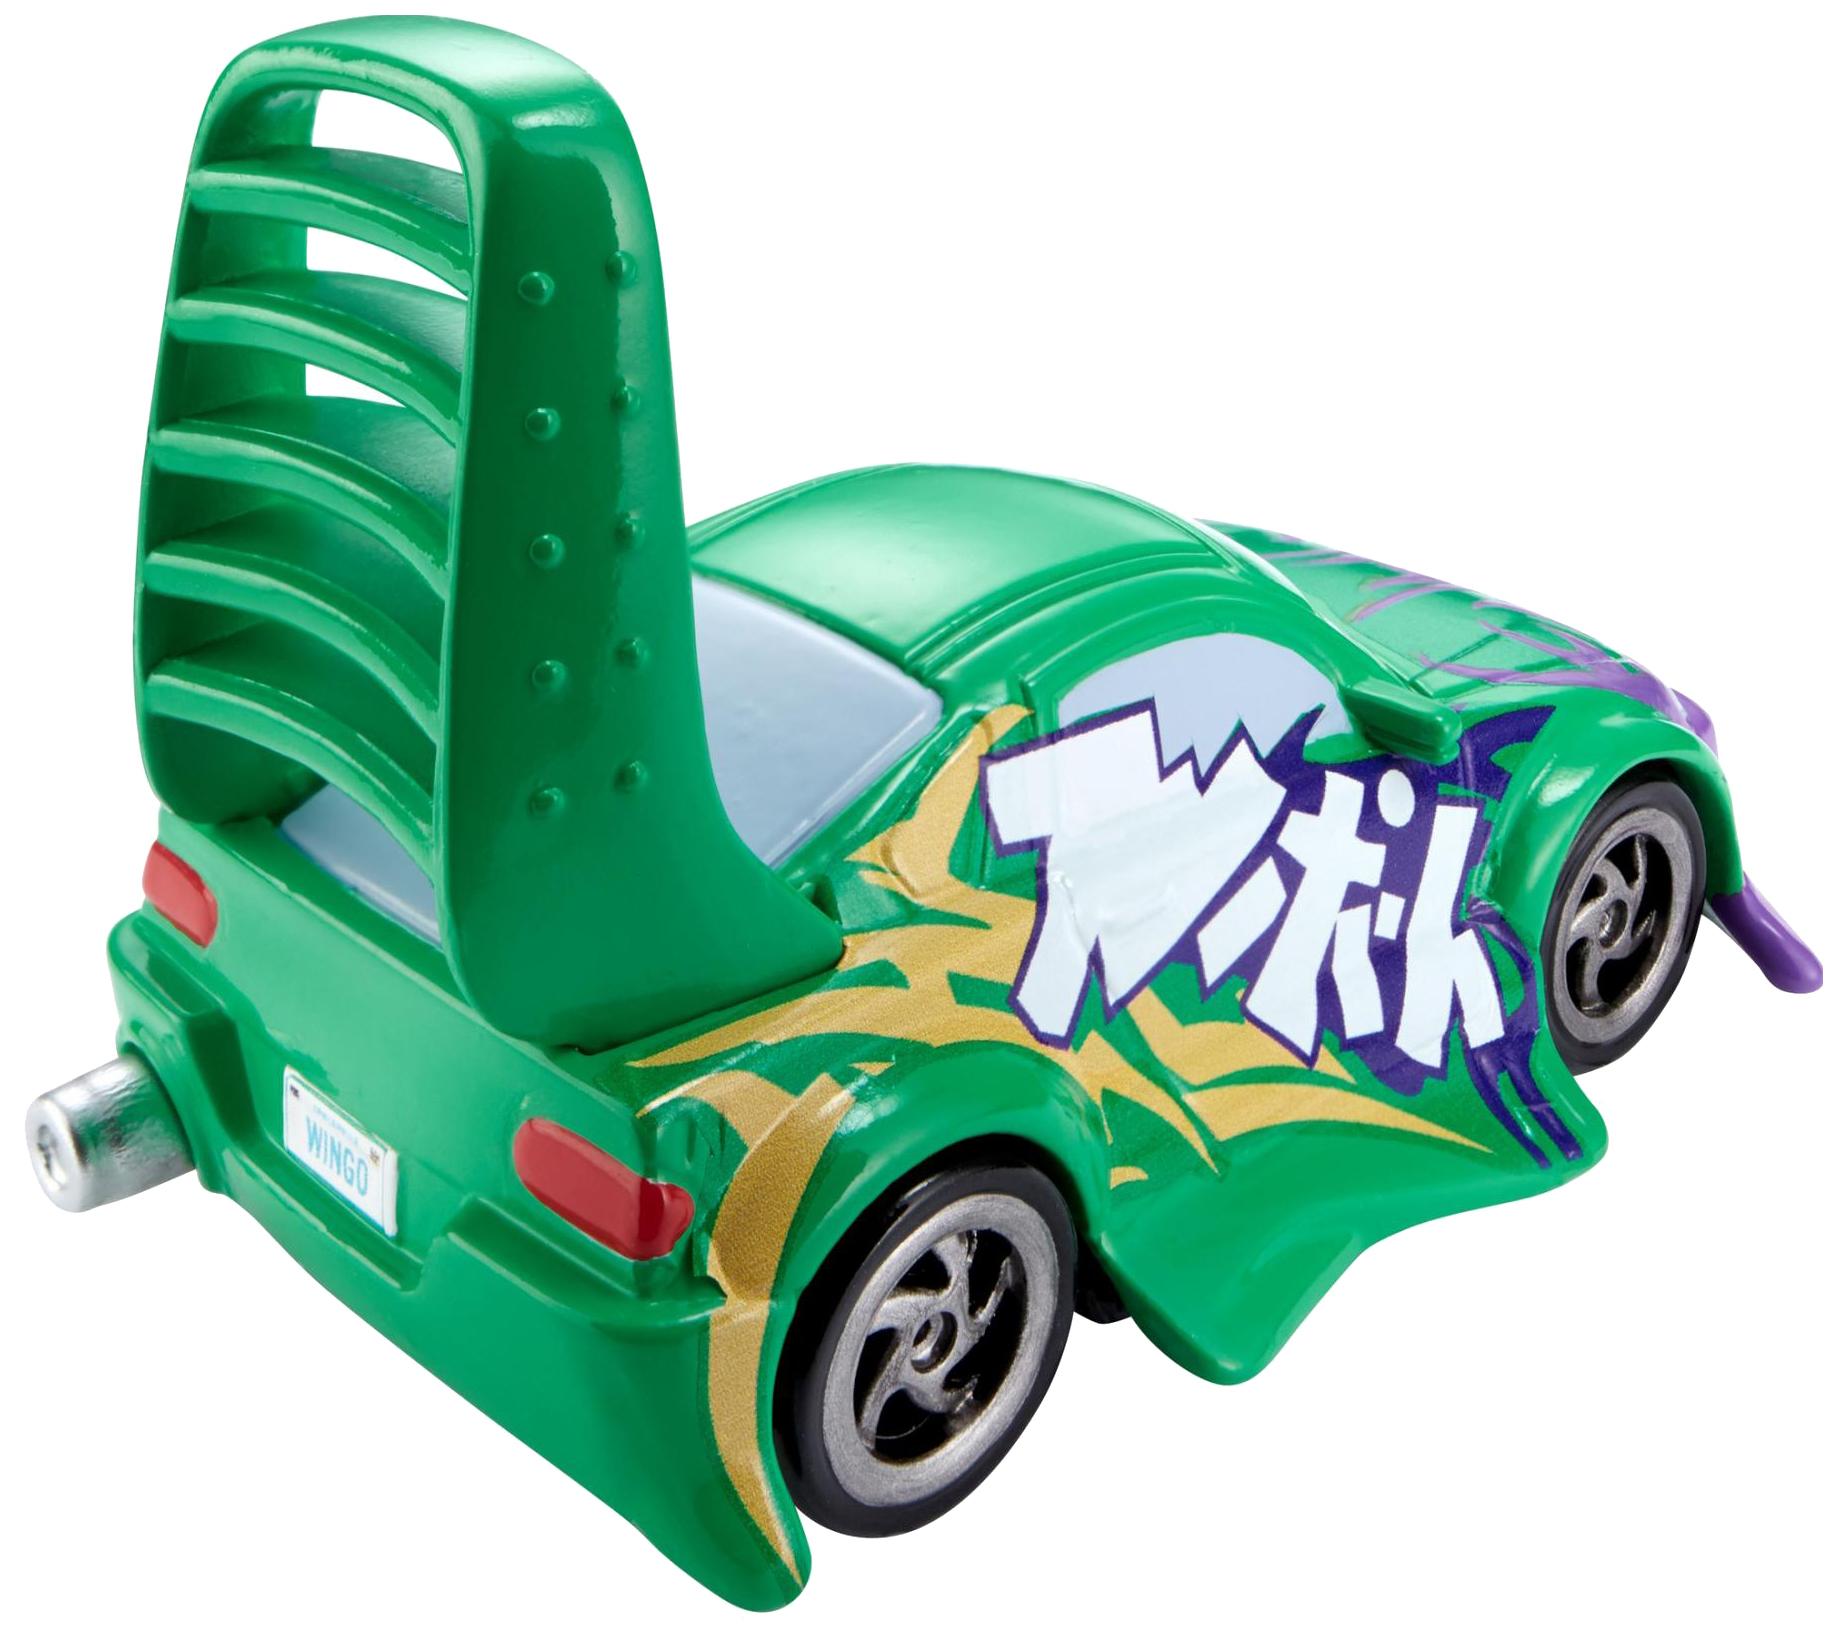 Купить Машинка 2 в 1 Измени цвет - Тачки Mattel, Игрушечные машинки